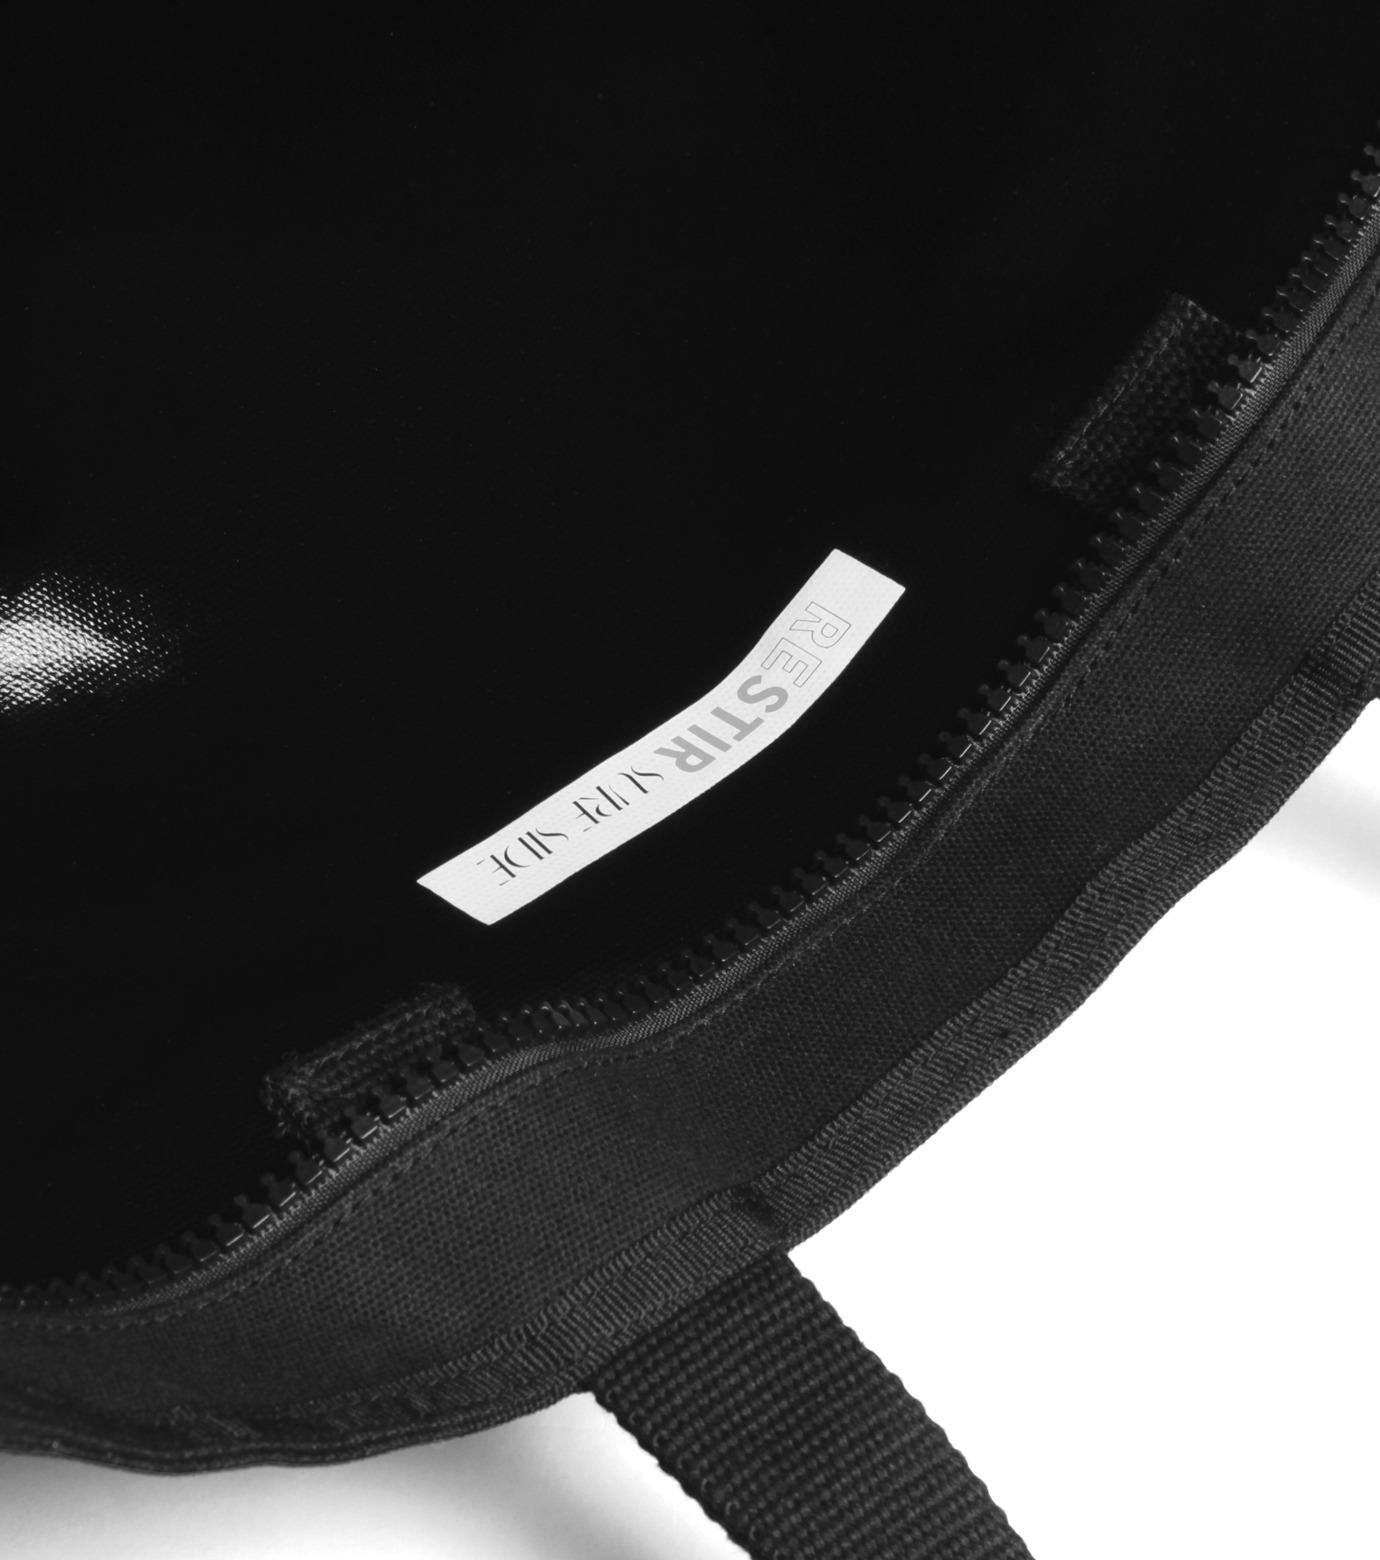 RESTIR SURF SIDE×Kashwére(リステアサーフサイド×カシウエア)のBLANKET with Bag-BLACK(インテリア/OTHER-GOODS/interior/OTHER-GOODS)-SURFSIDE-KA-13 拡大詳細画像6